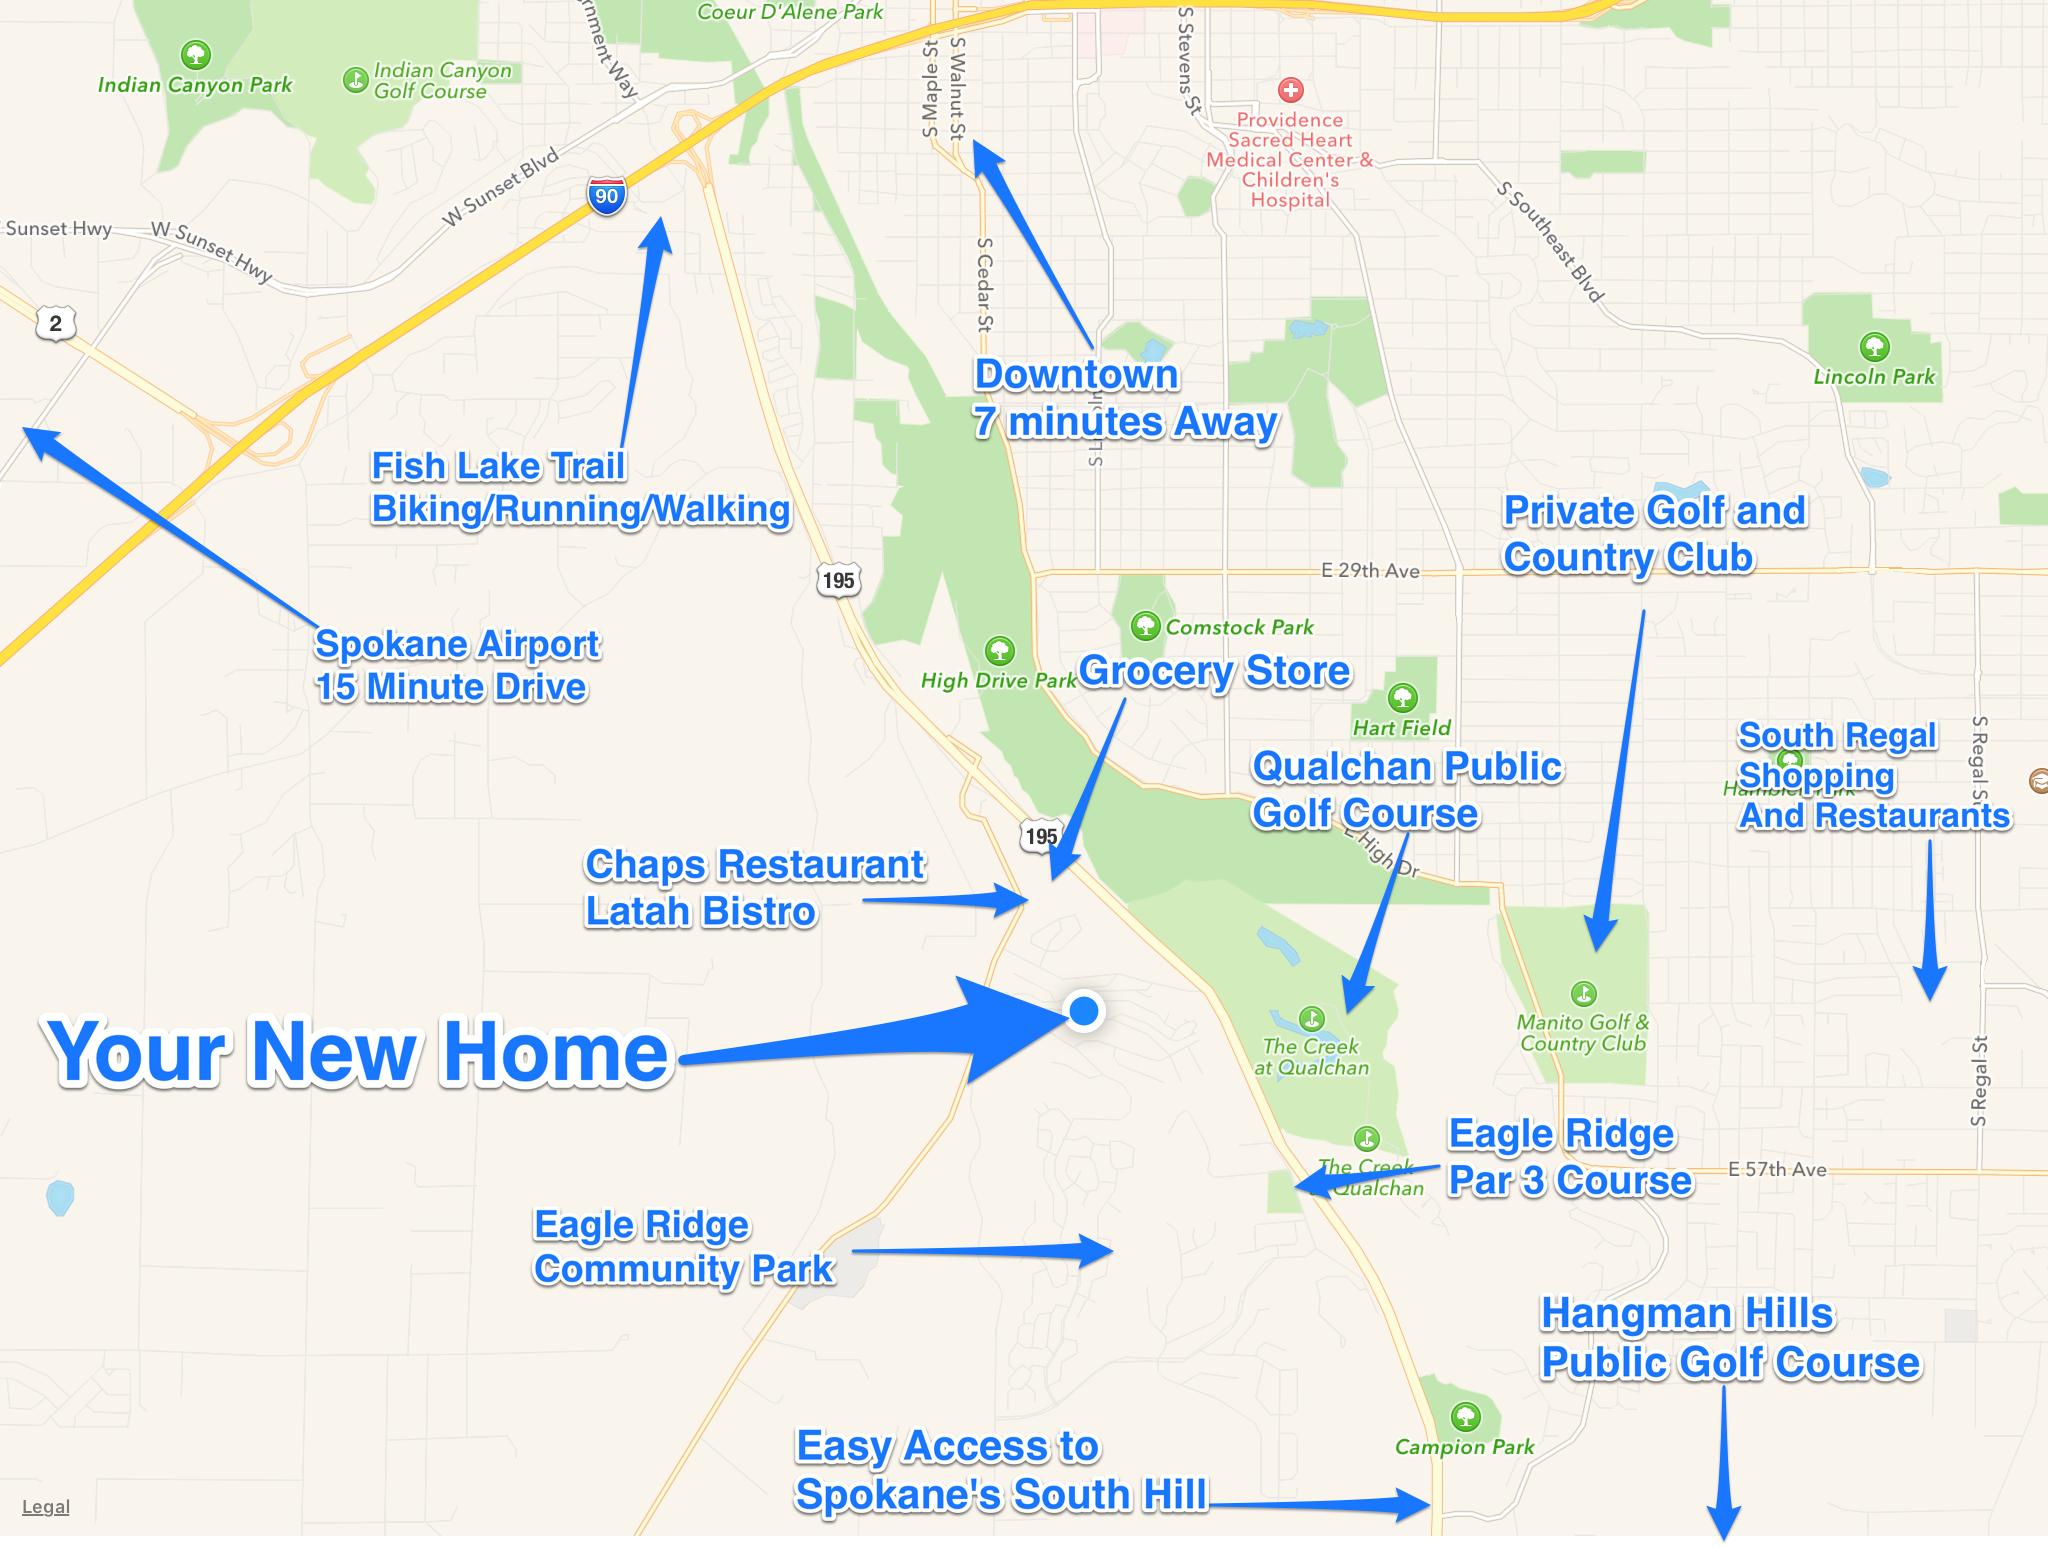 1016 W Bolan Ave Spokane WA 99224 Lifestyle Map